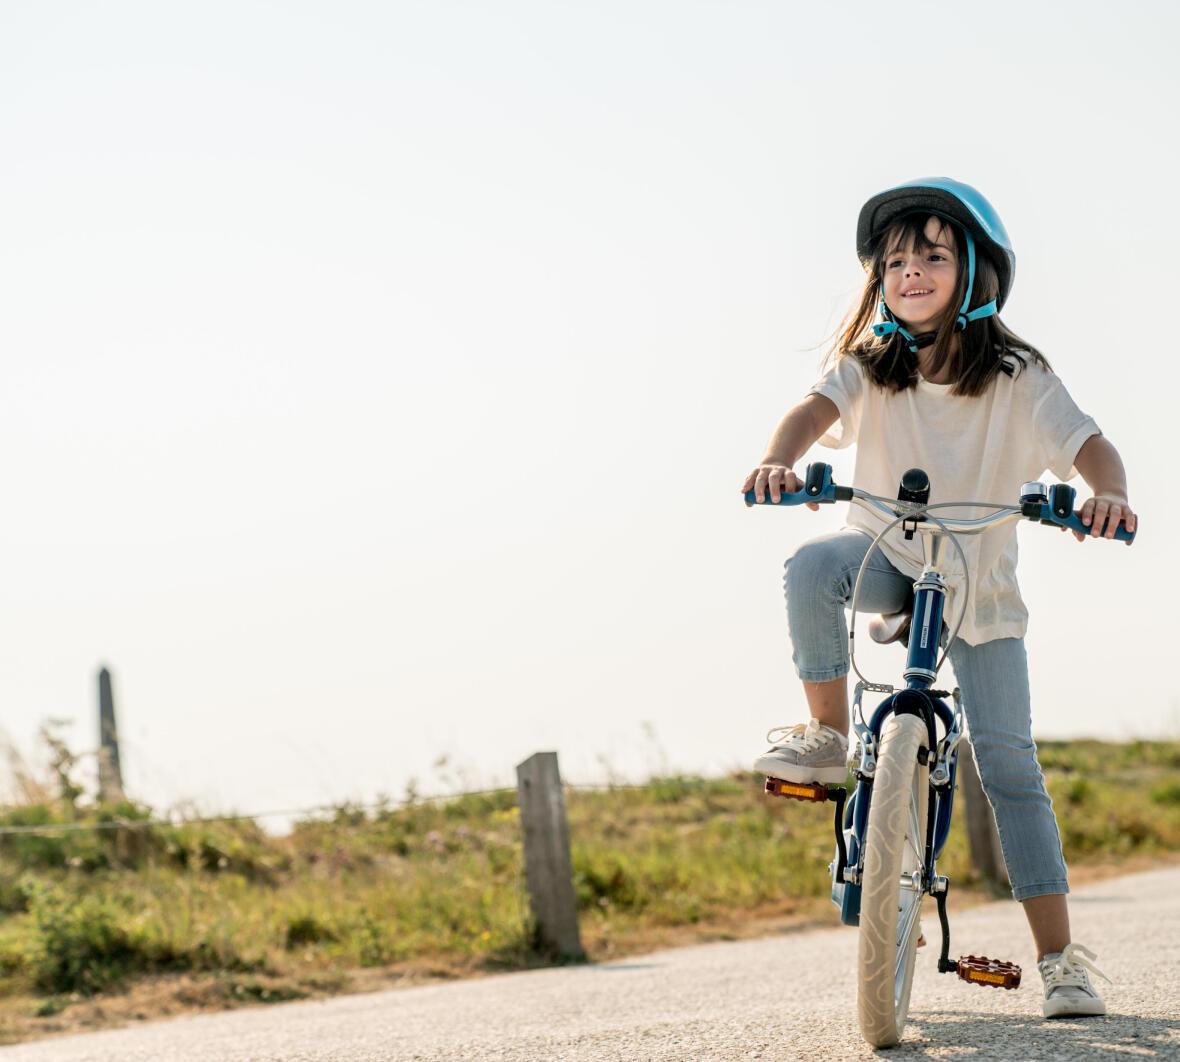 Jeu pour enfant pour apprendre à faire du vélo freiner - Conseils Sport DECATHLON